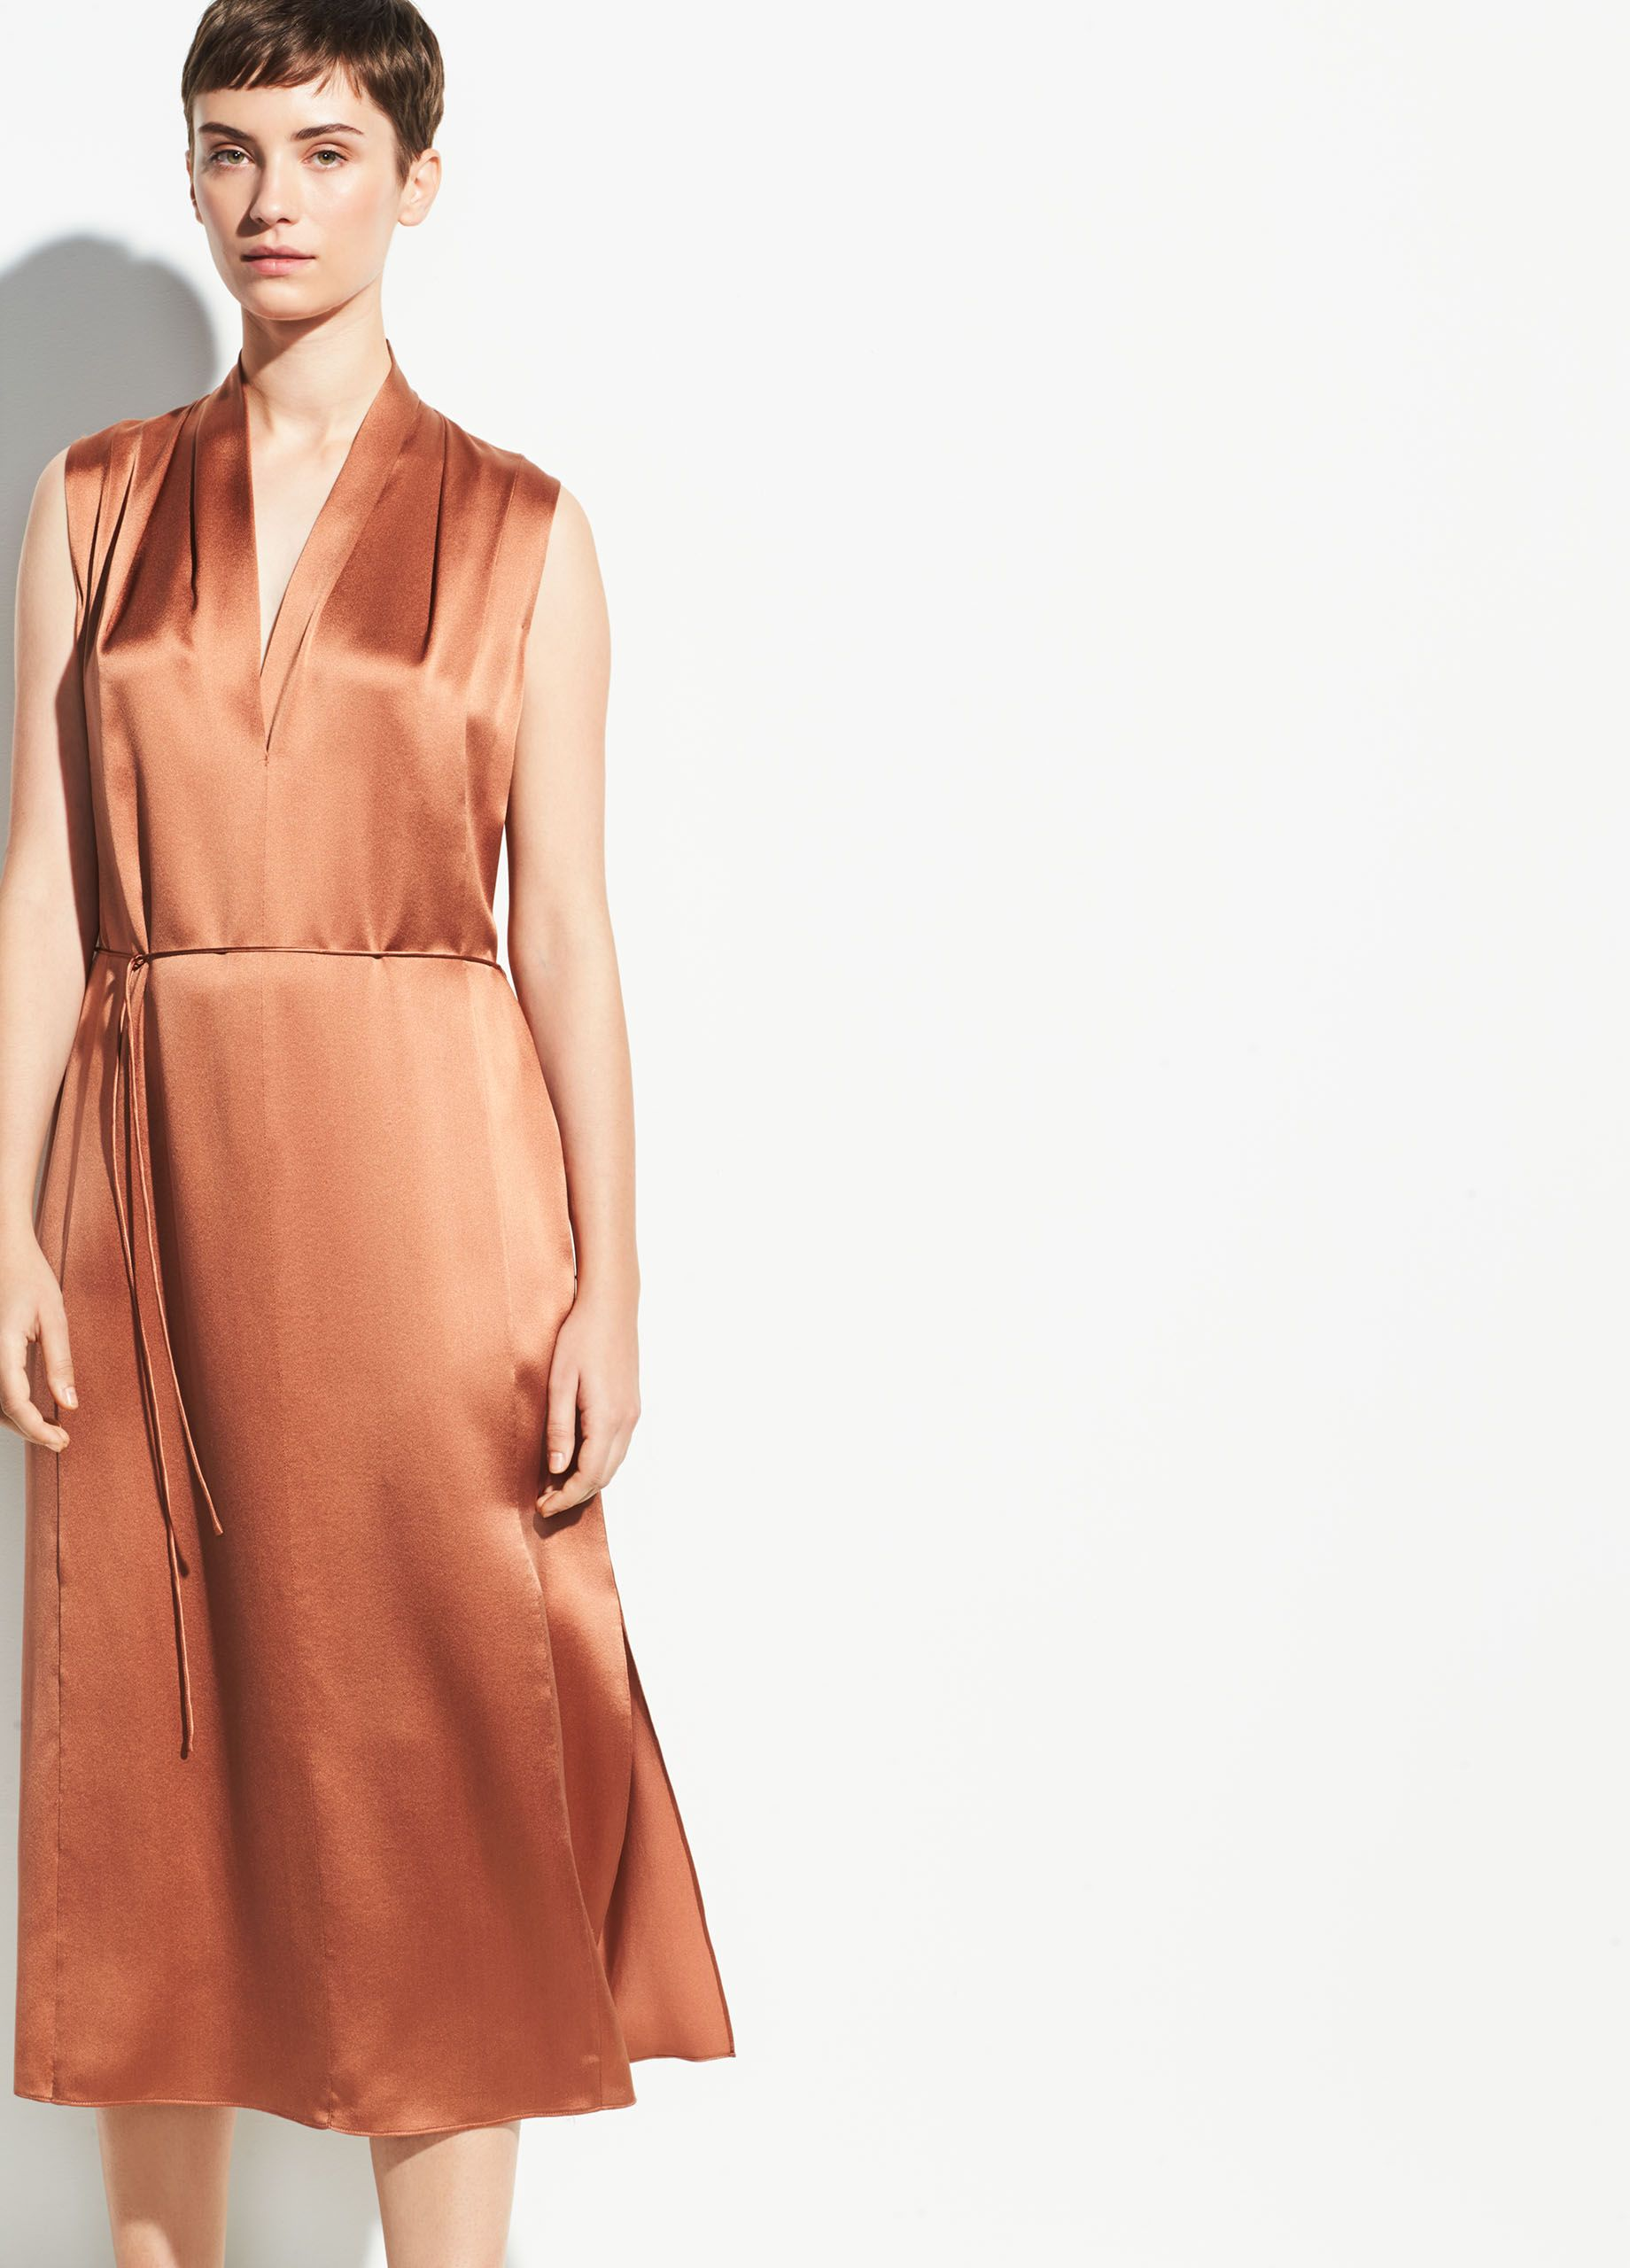 Sites Vince Site Vince Womens Dresses Jumpsuit Dress Elegant Dress [ 2560 x 1840 Pixel ]